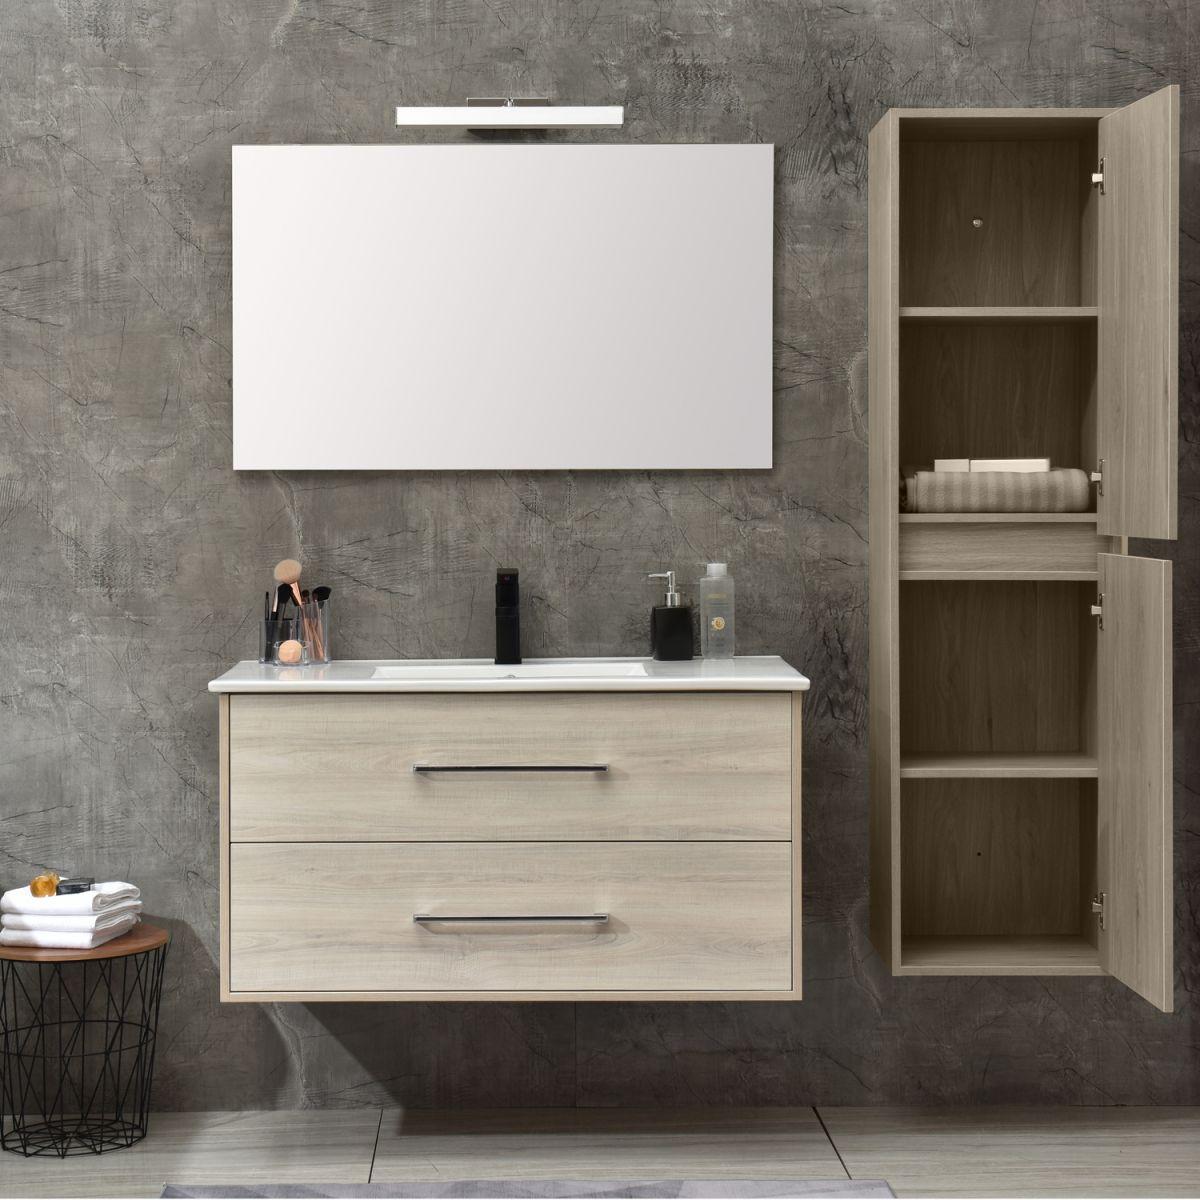 MF 1805 2 W 0 Mobile bagno Praga sospeso 100 cm bianco effetto legno con lavabo,specchio e colonna pensile